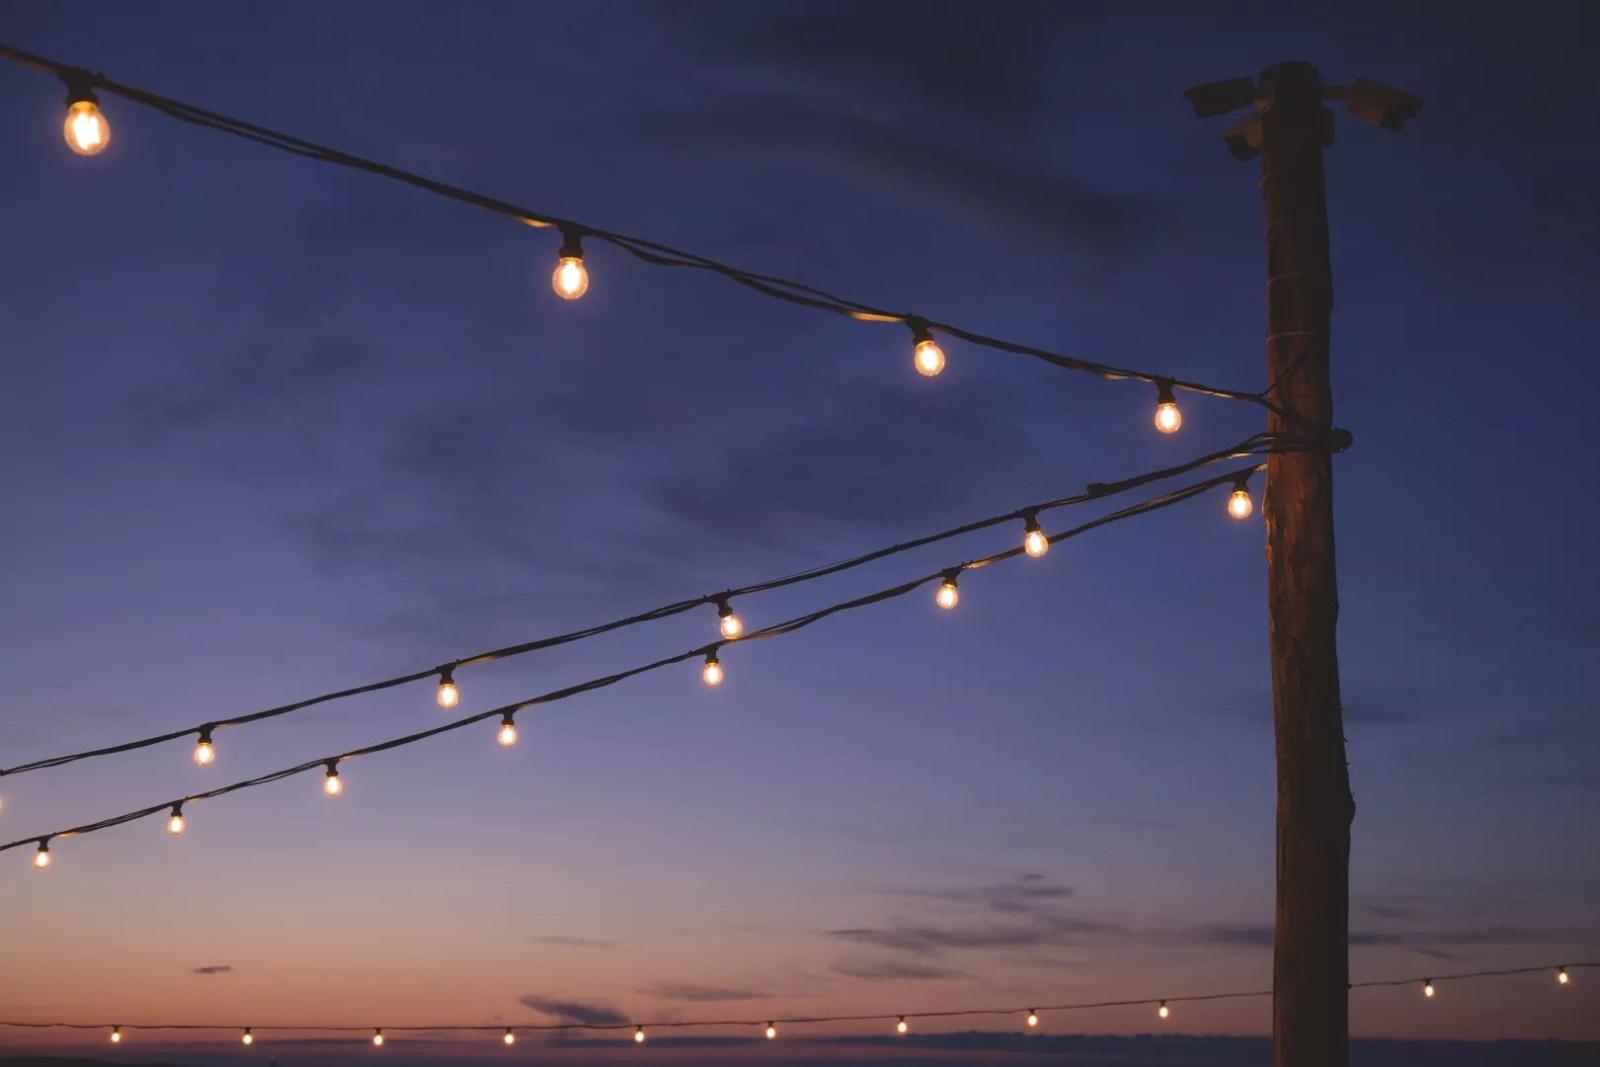 Buitenleven | Verlichting in de tuin - Woonblog StijlvolStyling.com